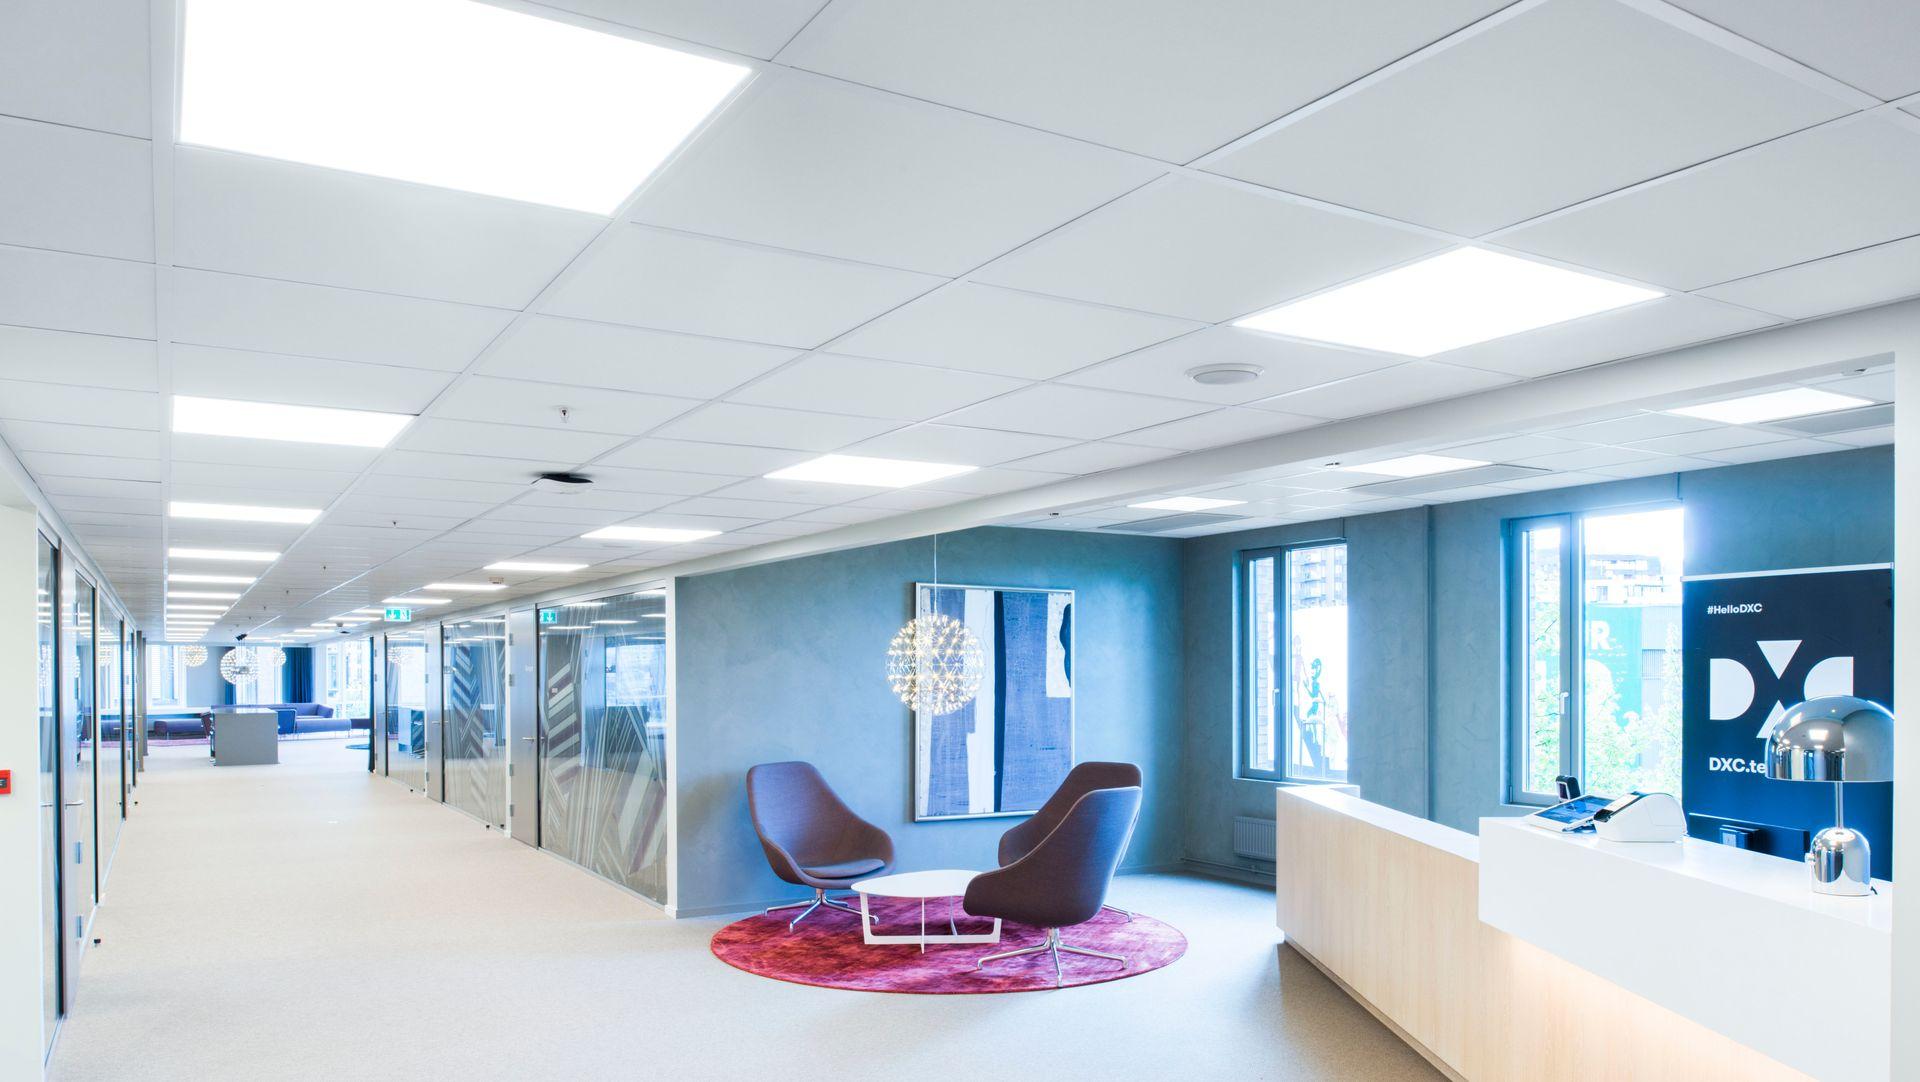 Himlinger i taket og lydabsorbenter på vegger er noe av viktigste for å dempe lyden i et kontormiljø, og på den måten gjøre arbeidshverdagen bedre.